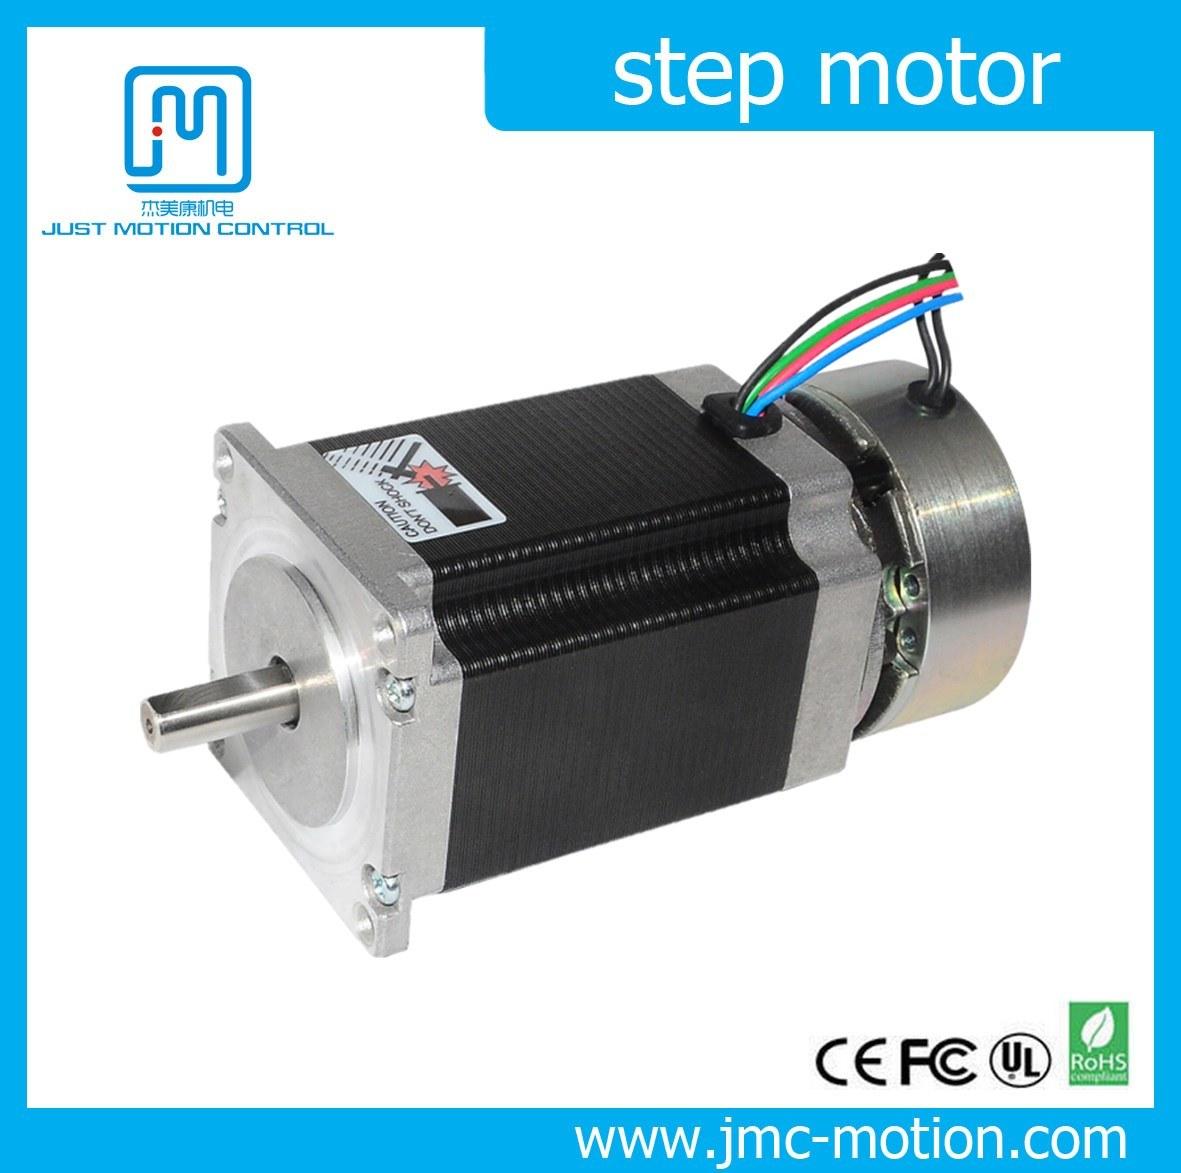 2phase NEMA 23 Stepper Motor with Brake